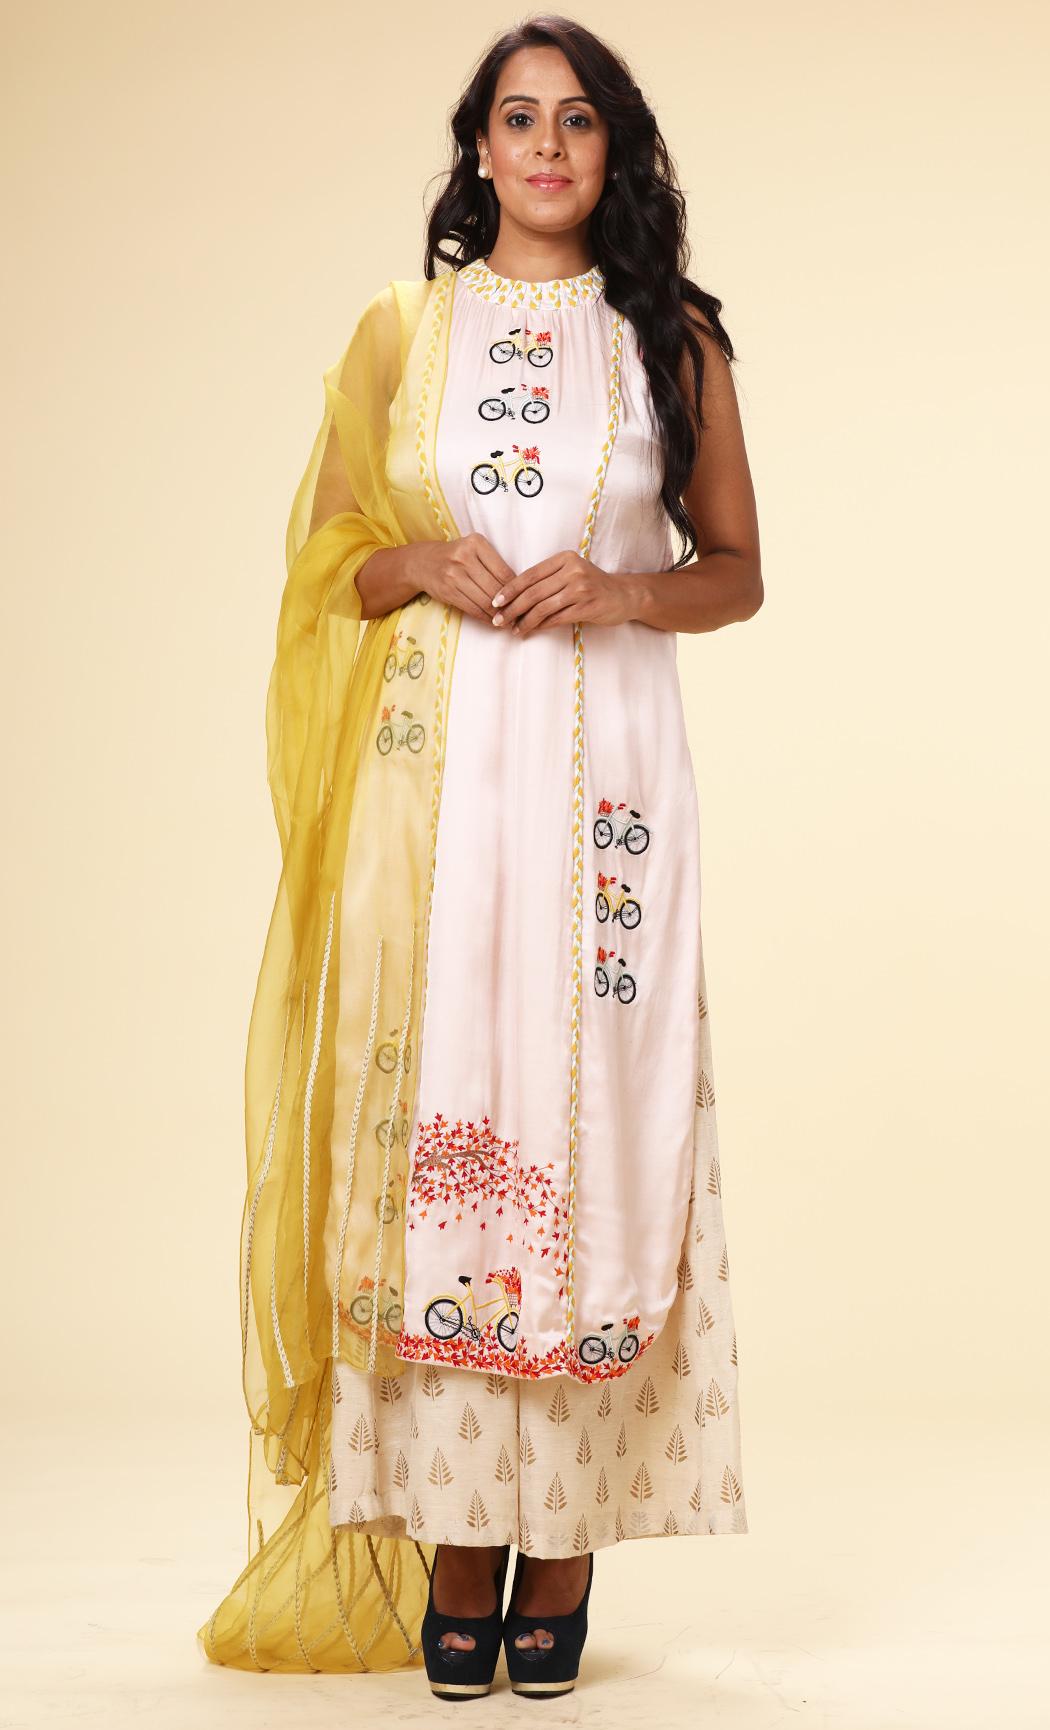 Baby Pink Straight Kurta and Yellow Dupatta - Buy Online